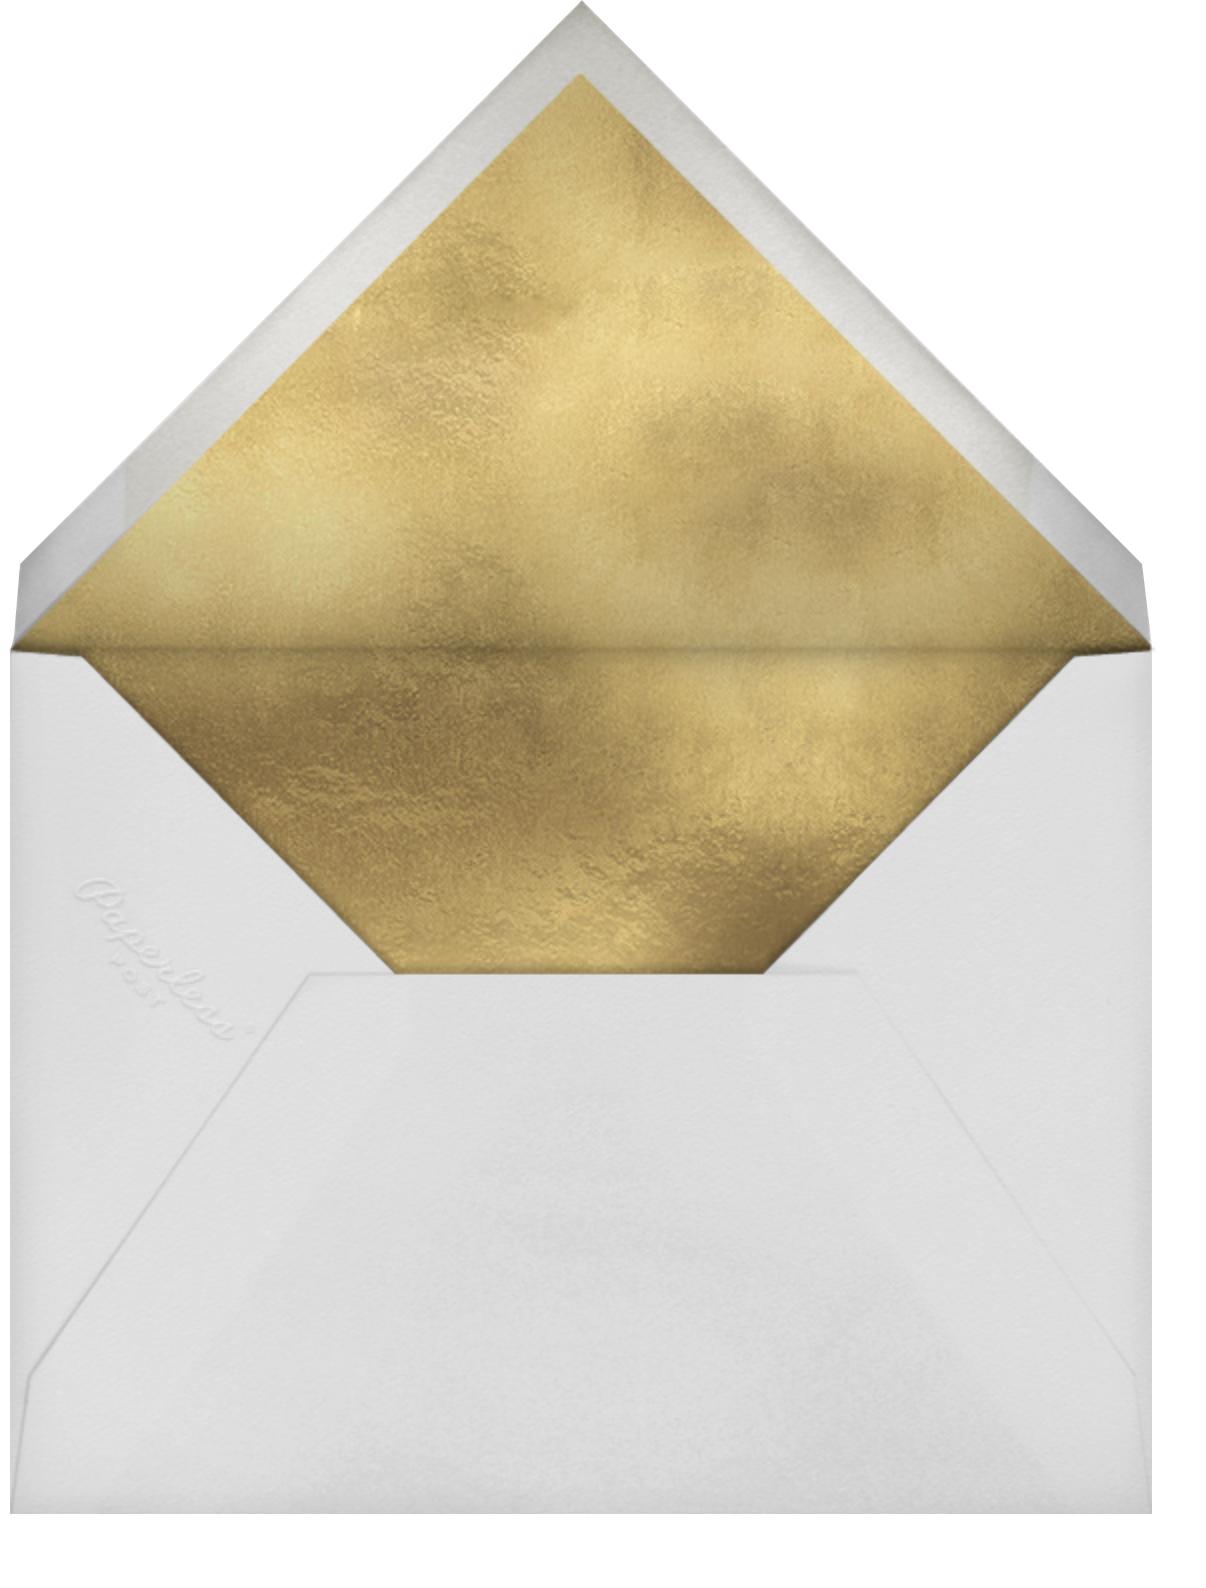 Sky Glitter - Mint - kate spade new york - Baby shower - envelope back